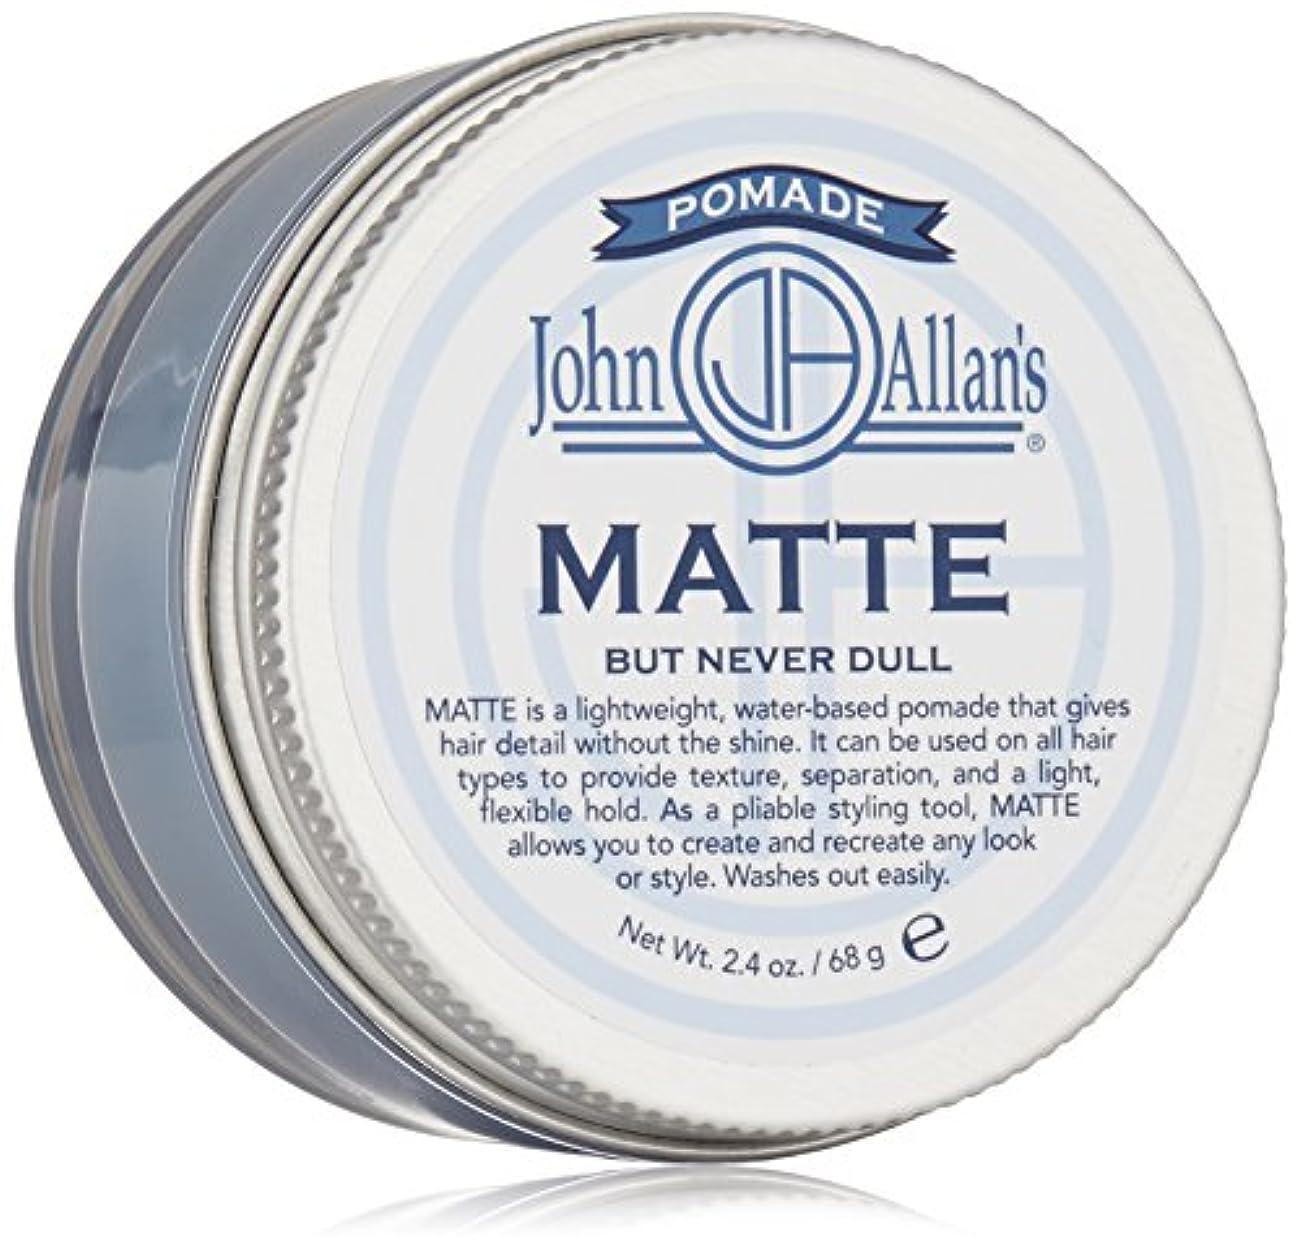 熱狂的な迷惑おしゃれじゃないJohn Allan: Styling Pomade Matte, 2 oz by John Allan's